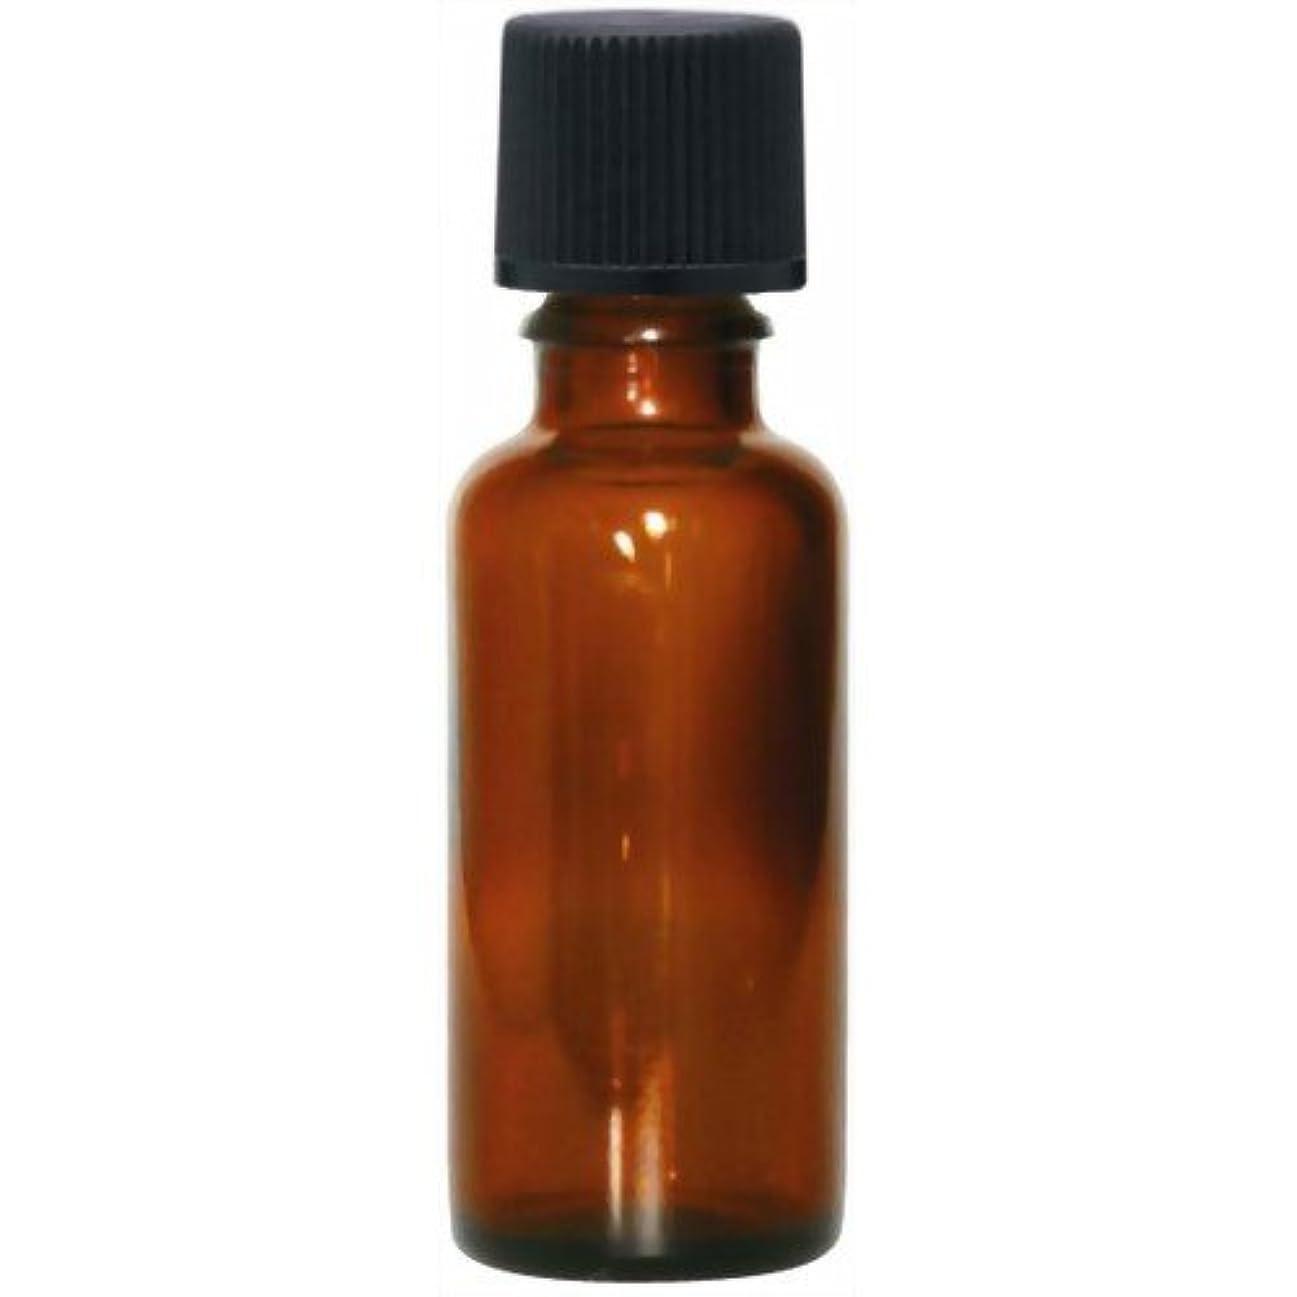 繊細噴出するバリー茶色遮光瓶30ml(黒キャップ)